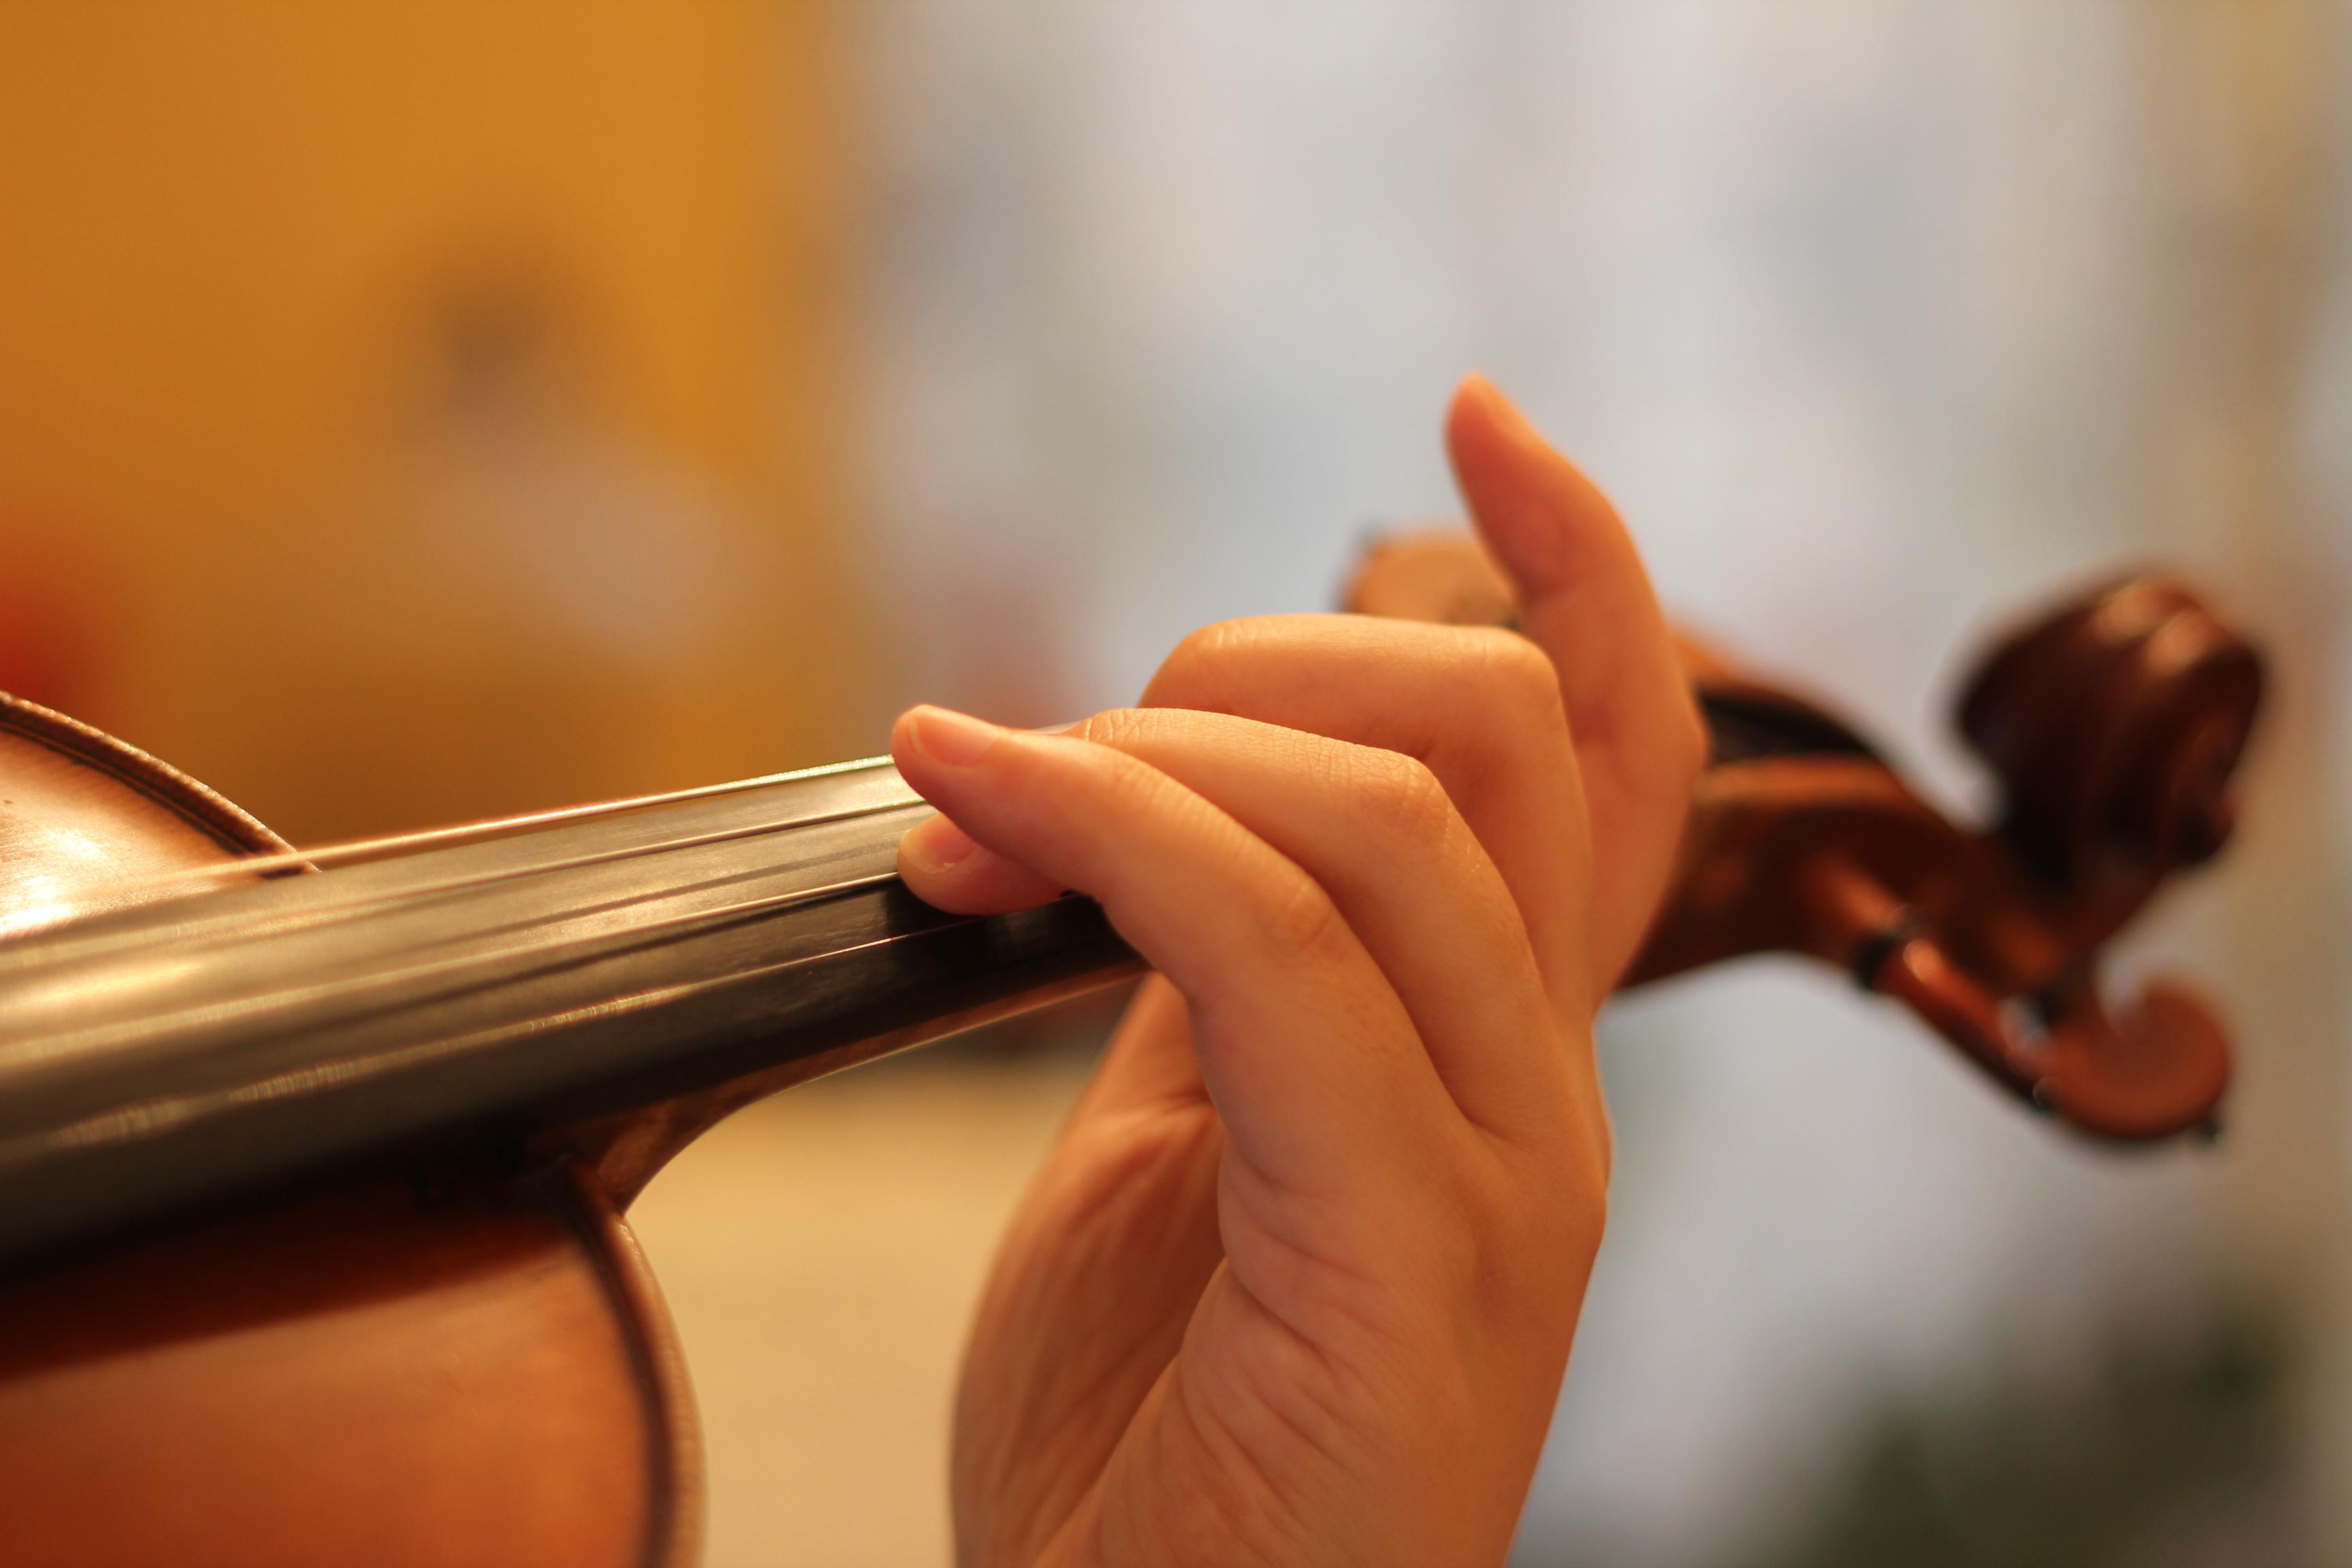 青葉区青葉台藤が丘のヴァイオリン教室DolcheMilleのレッスンイメージ